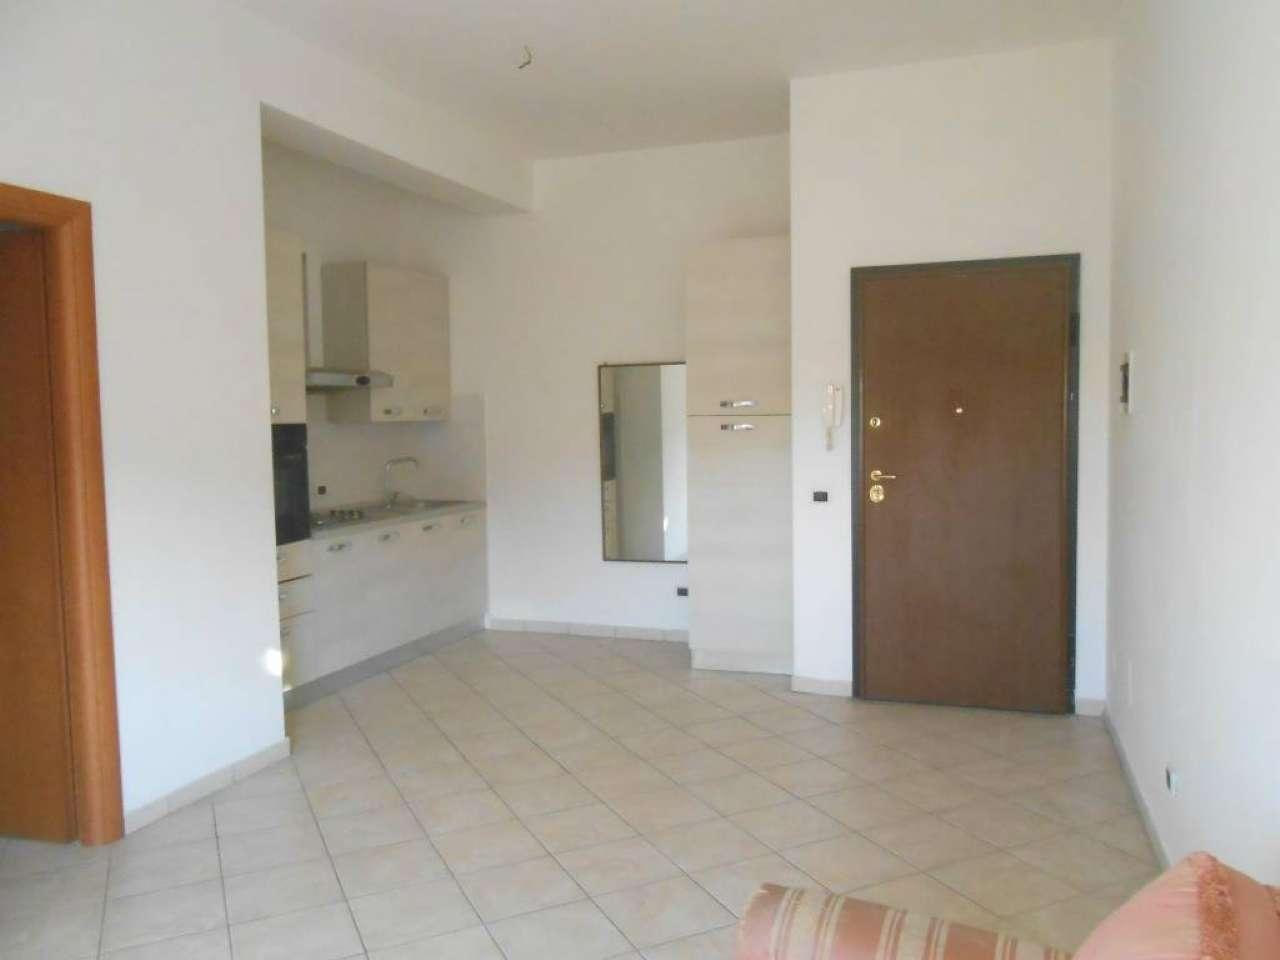 Appartamento in affitto a Anzio, 3 locali, prezzo € 500   CambioCasa.it